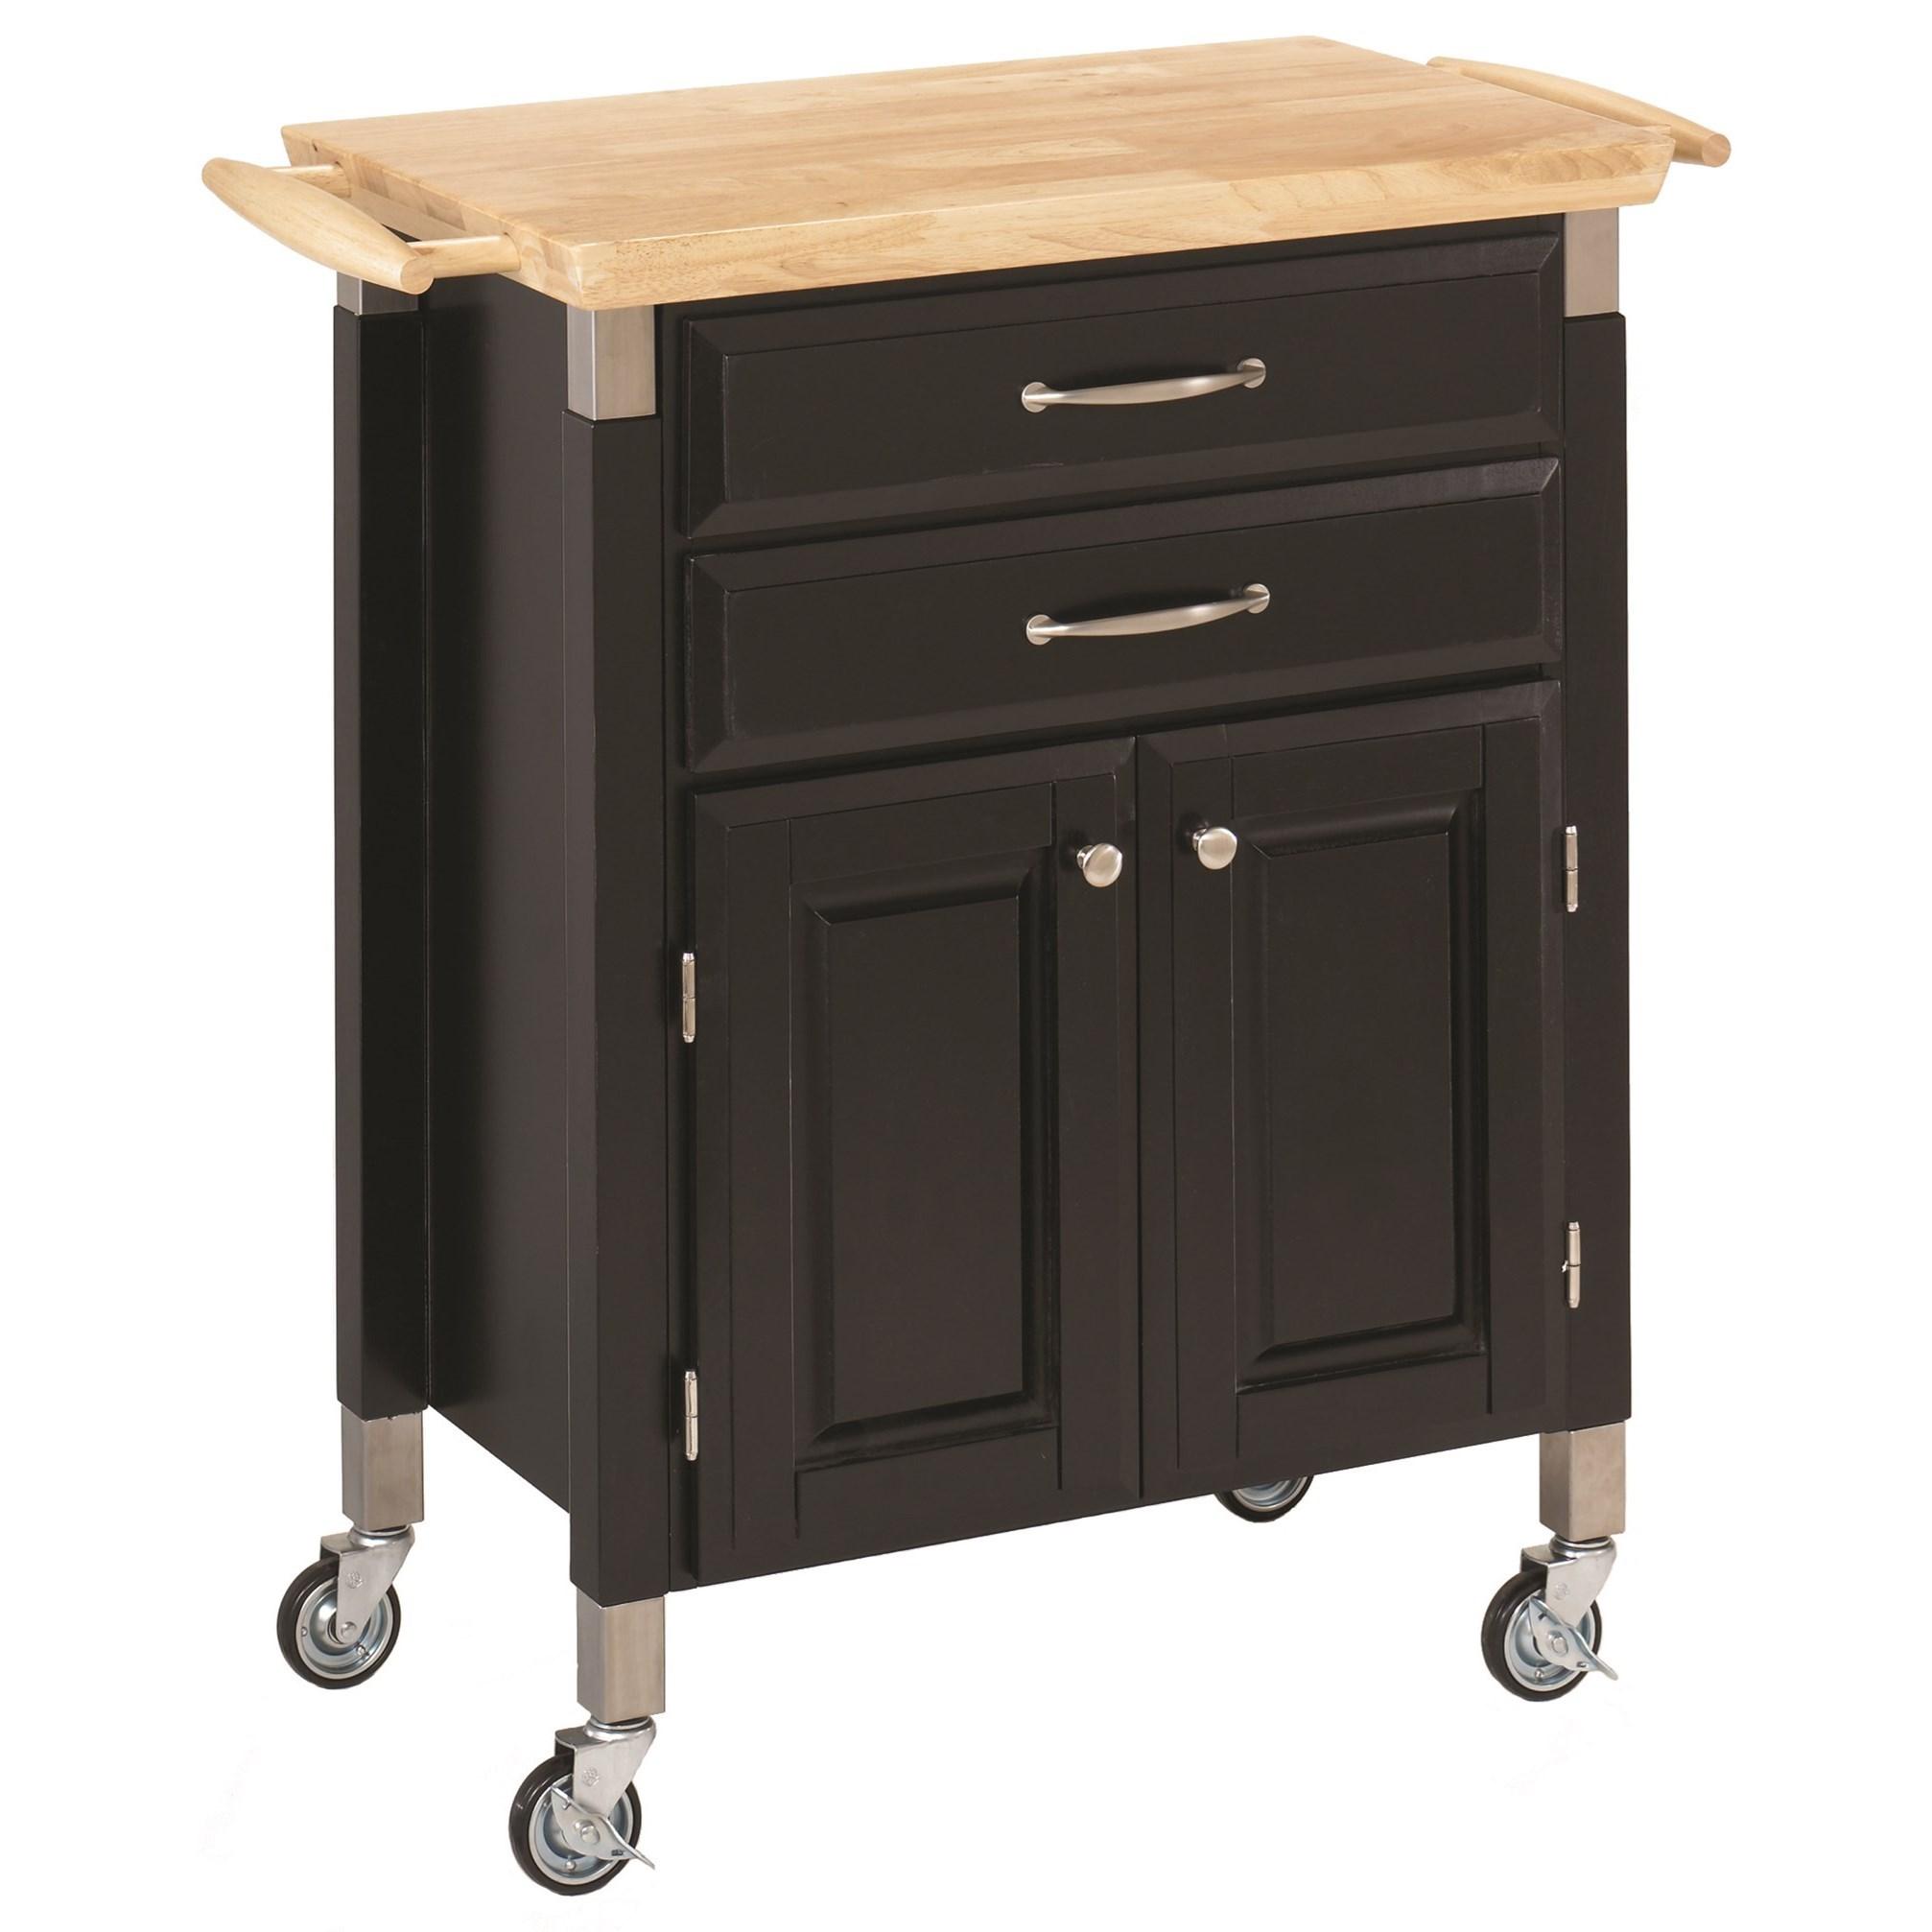 Homestyles Blanche Kitchen Cart Dunk Bright Furniture Kitchen Islands